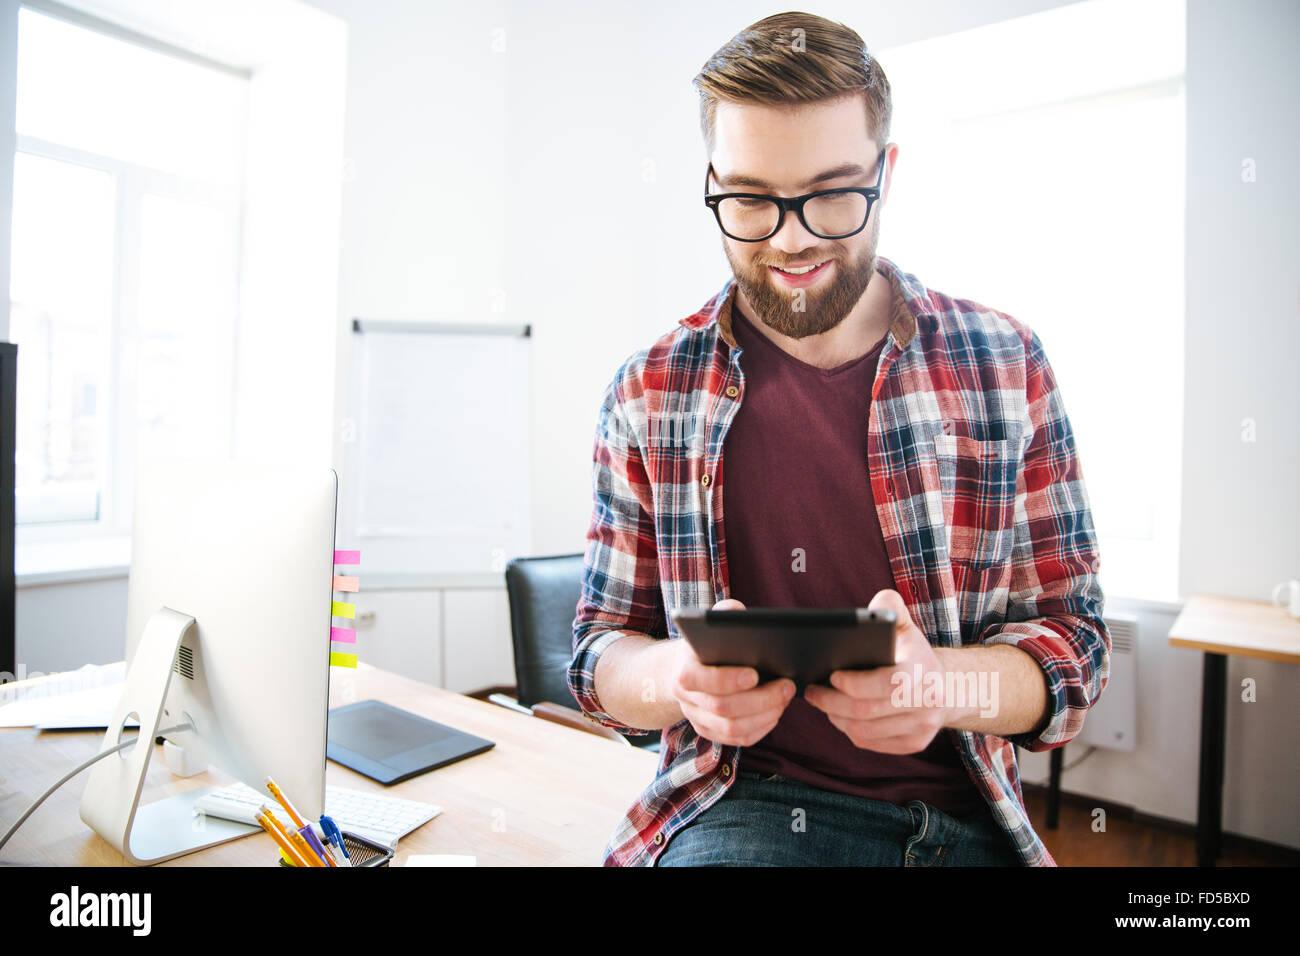 Glücklich, gut aussehender Mann mit Bart in Karohemd und Gläser auf dem Tisch im Büro sitzen und Stockbild